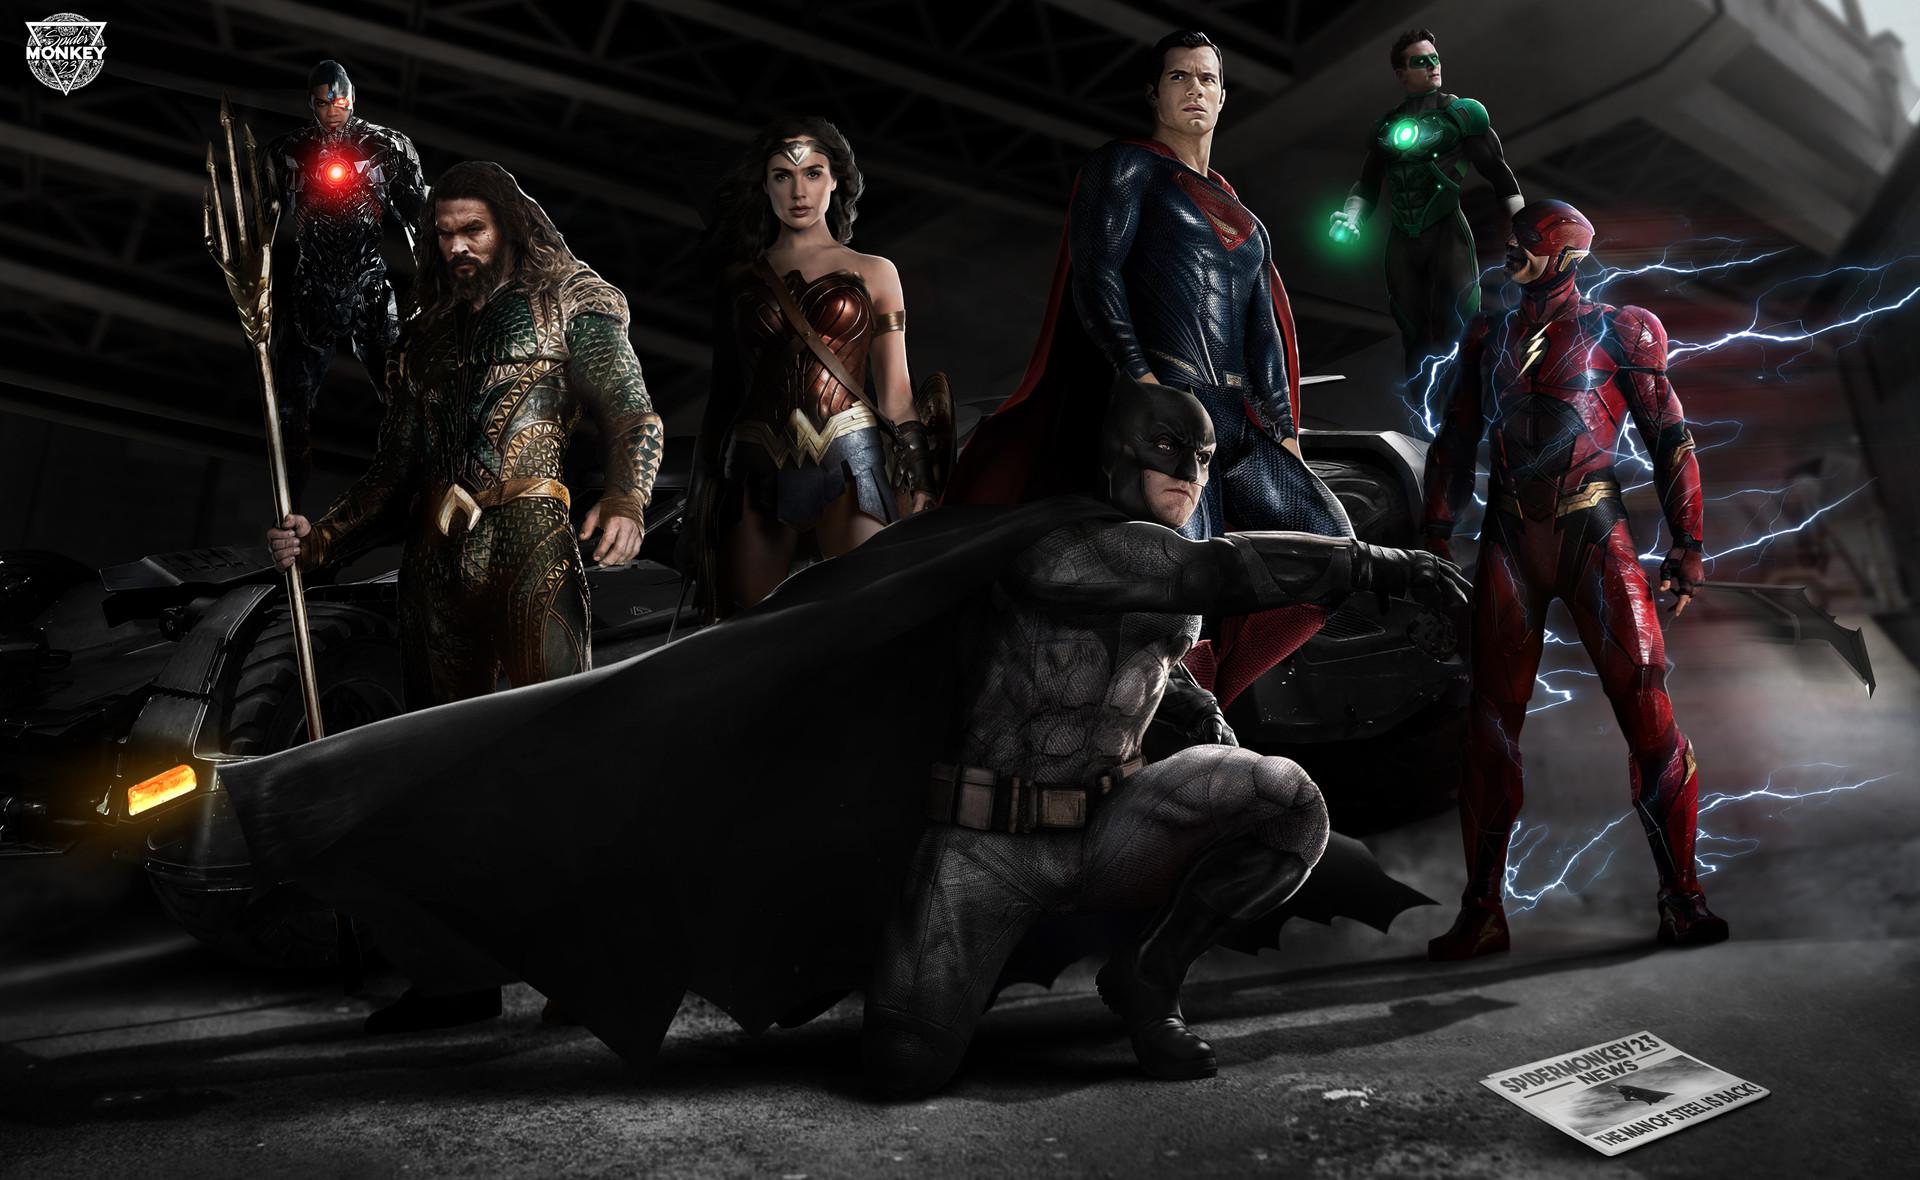 Wonder Woman Justice League 4k Fan Art Hd Movies 4k: Justice League Fan Made Poster, HD Movies, 4k Wallpapers